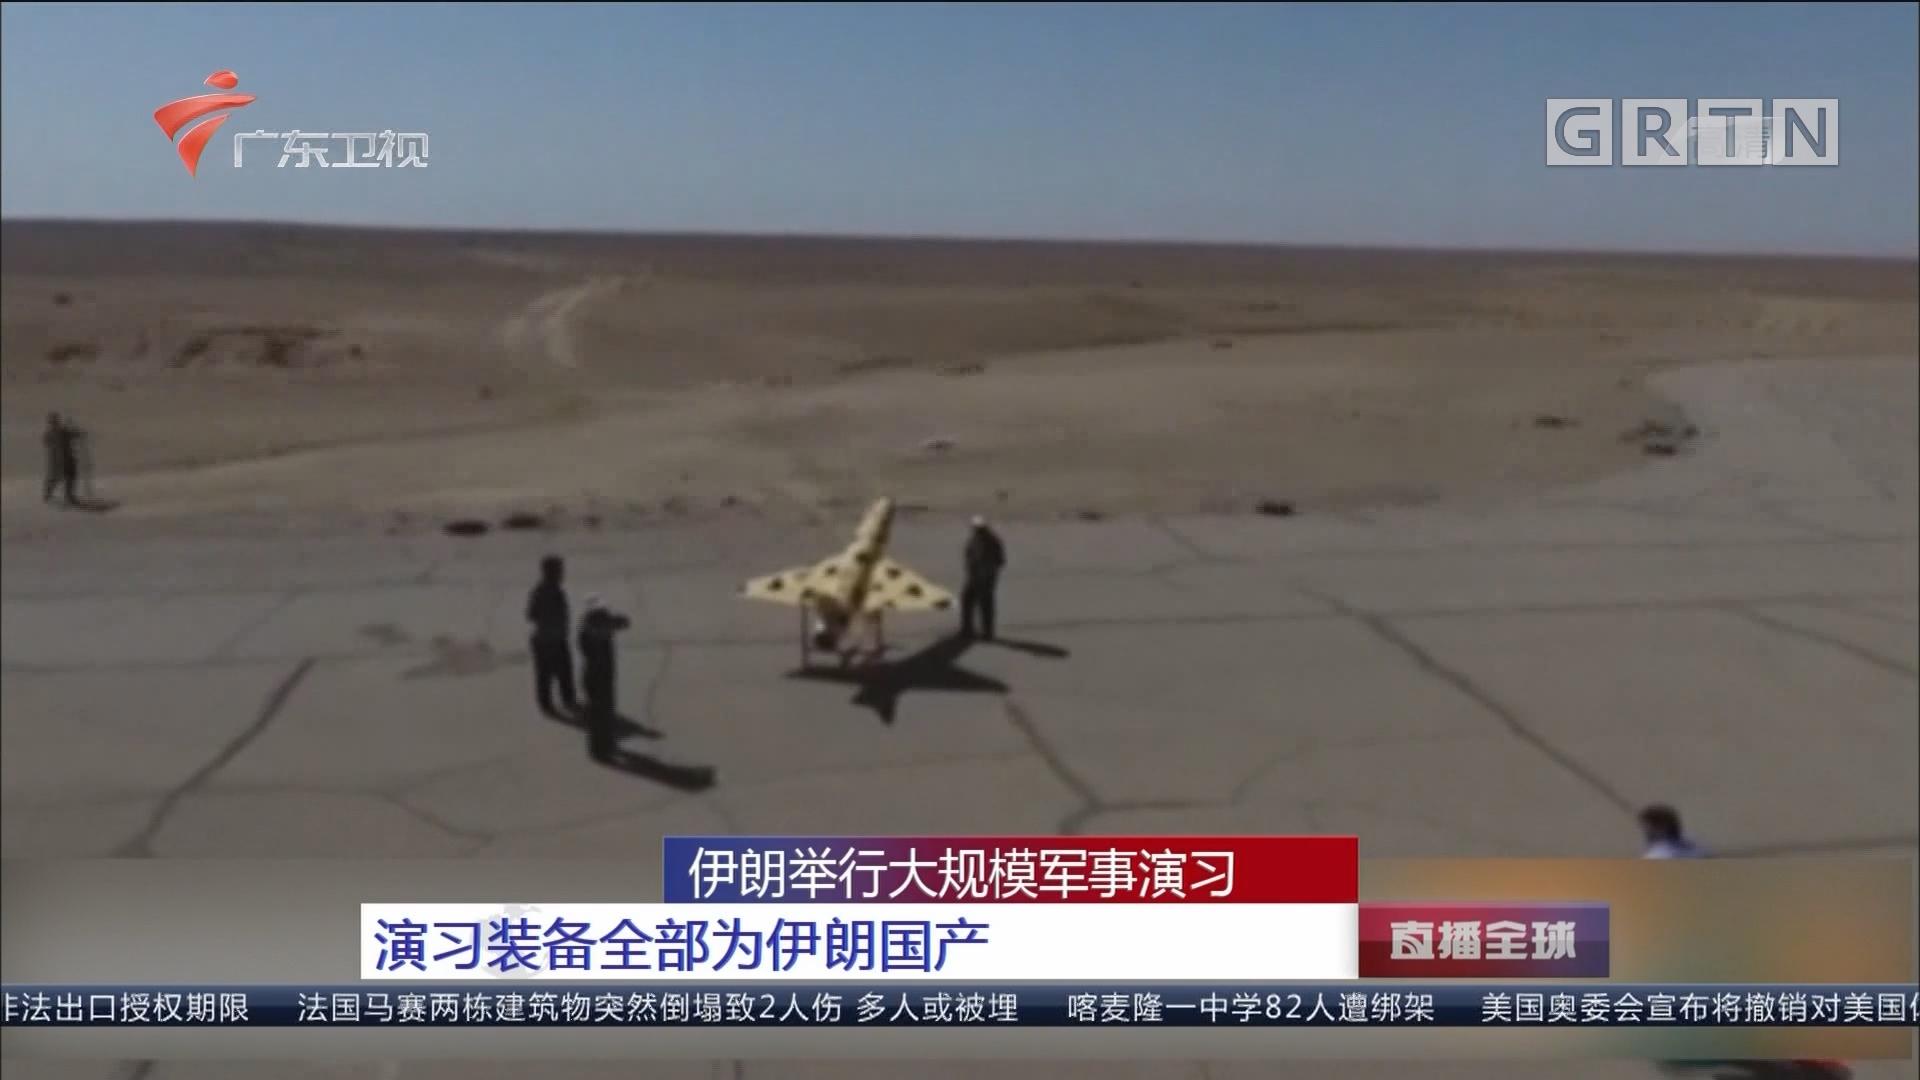 伊朗举行大规模军事演习:演习装备全部为伊朗国产